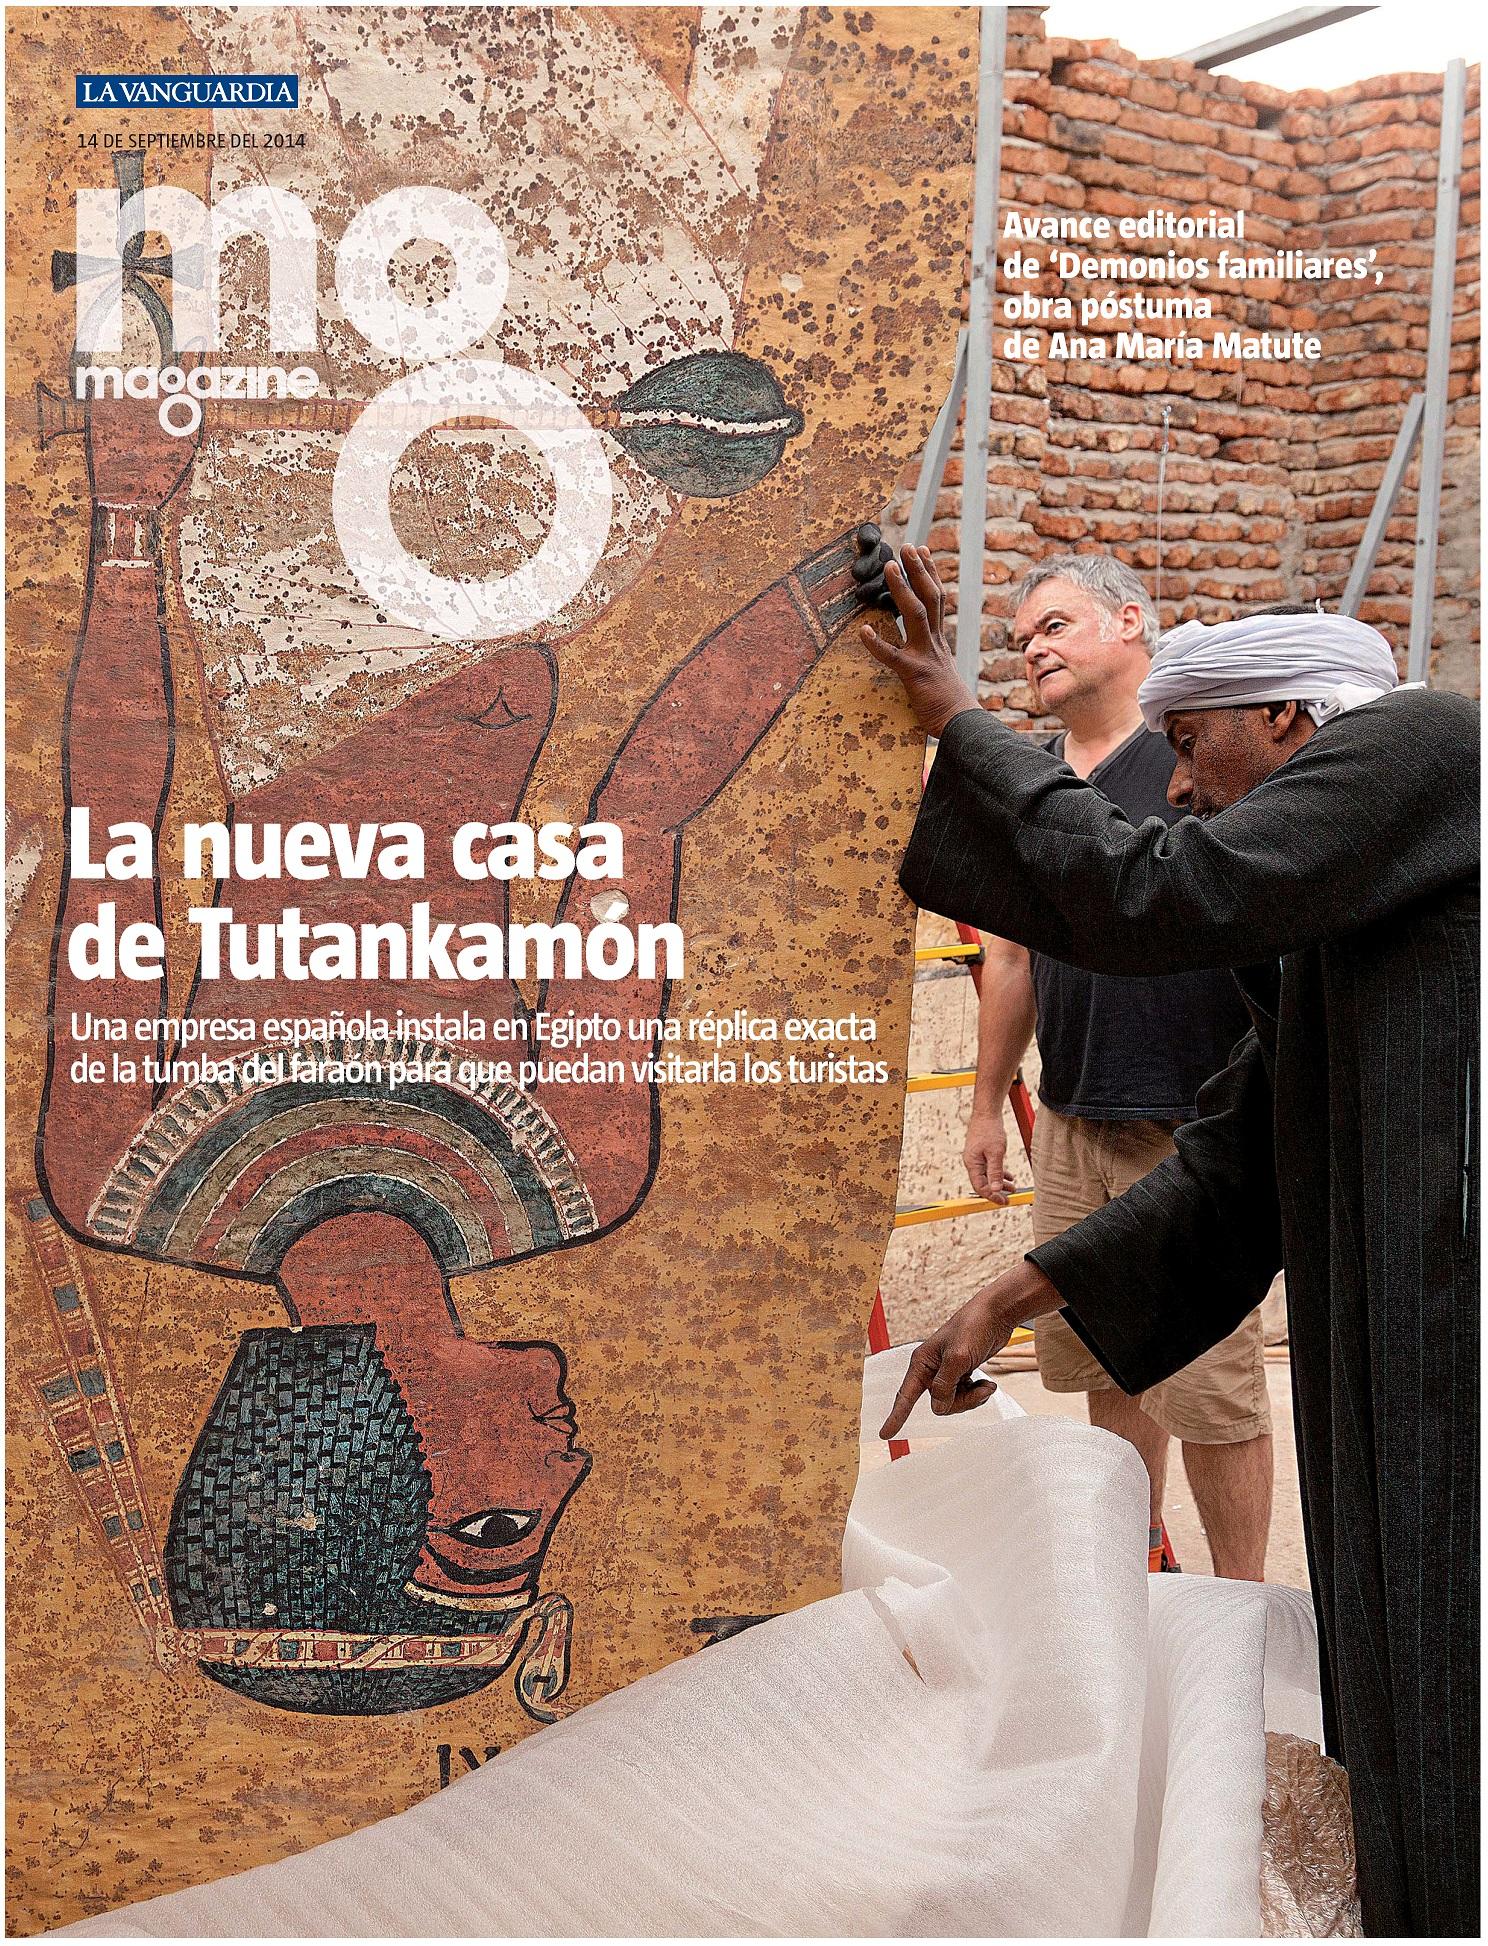 MEGAZINE portada 24 de Septiembre 2014